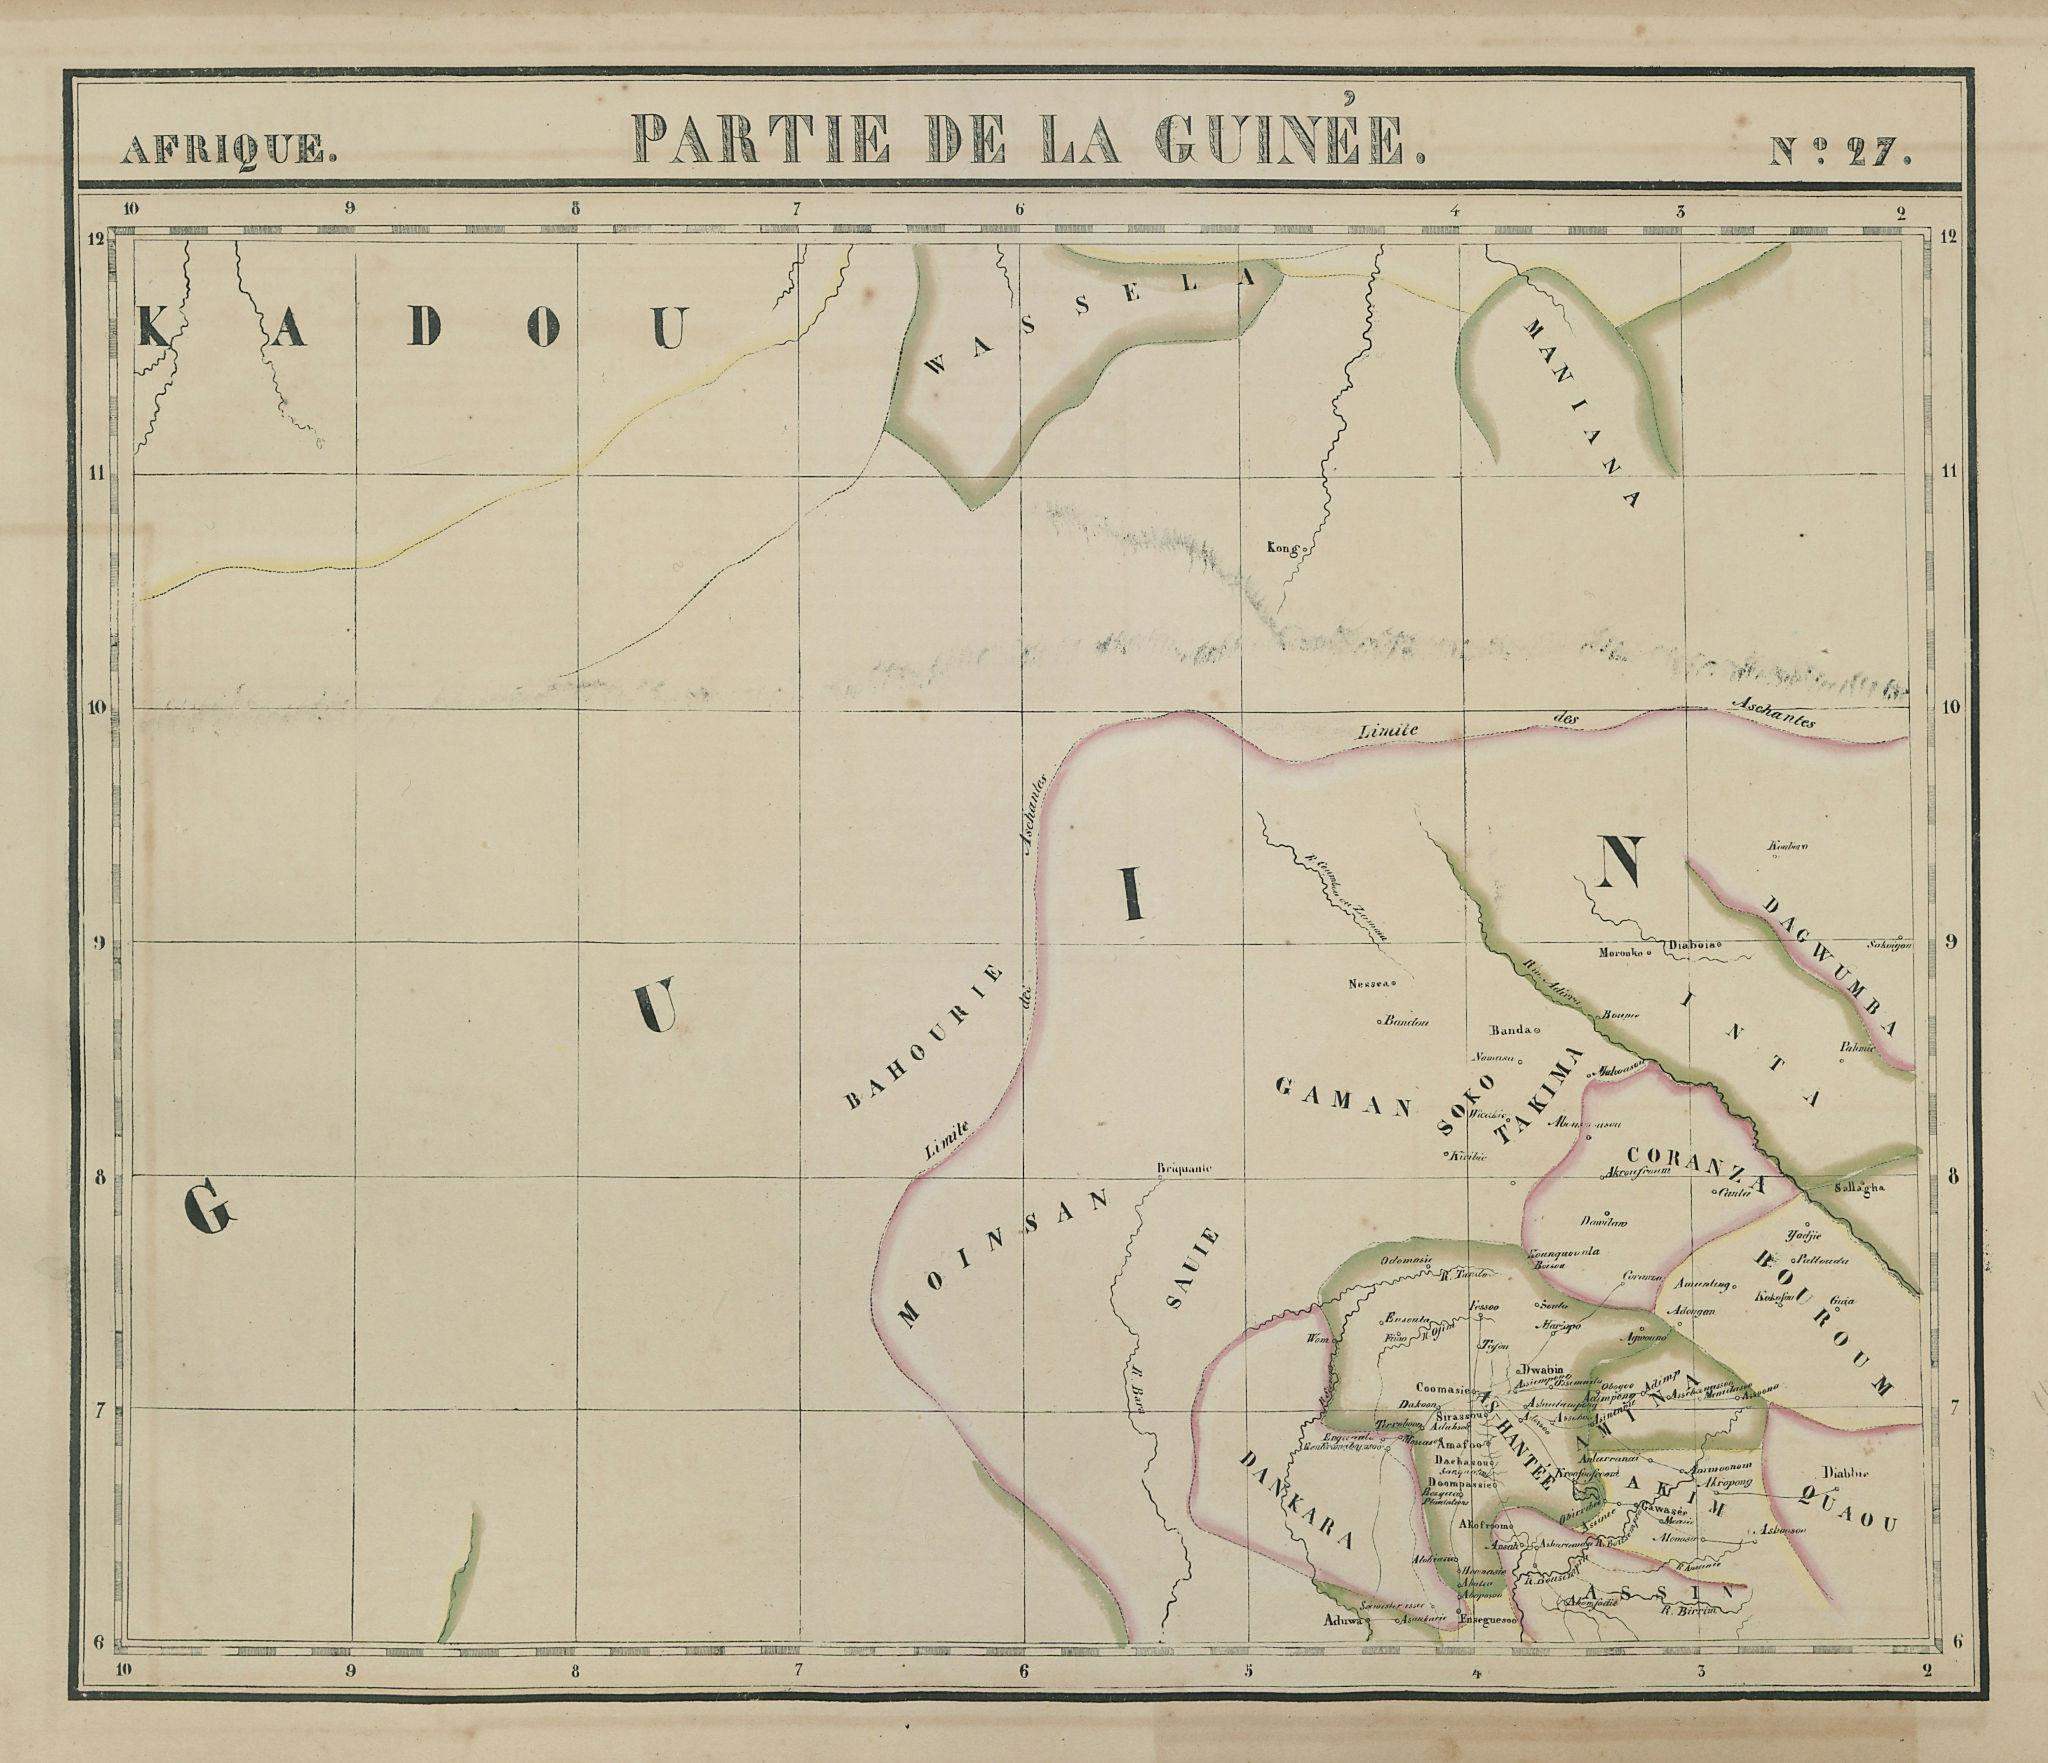 Afrique. Partie de la Guinée #27. Ghana. VANDERMAELEN 1827 old antique map